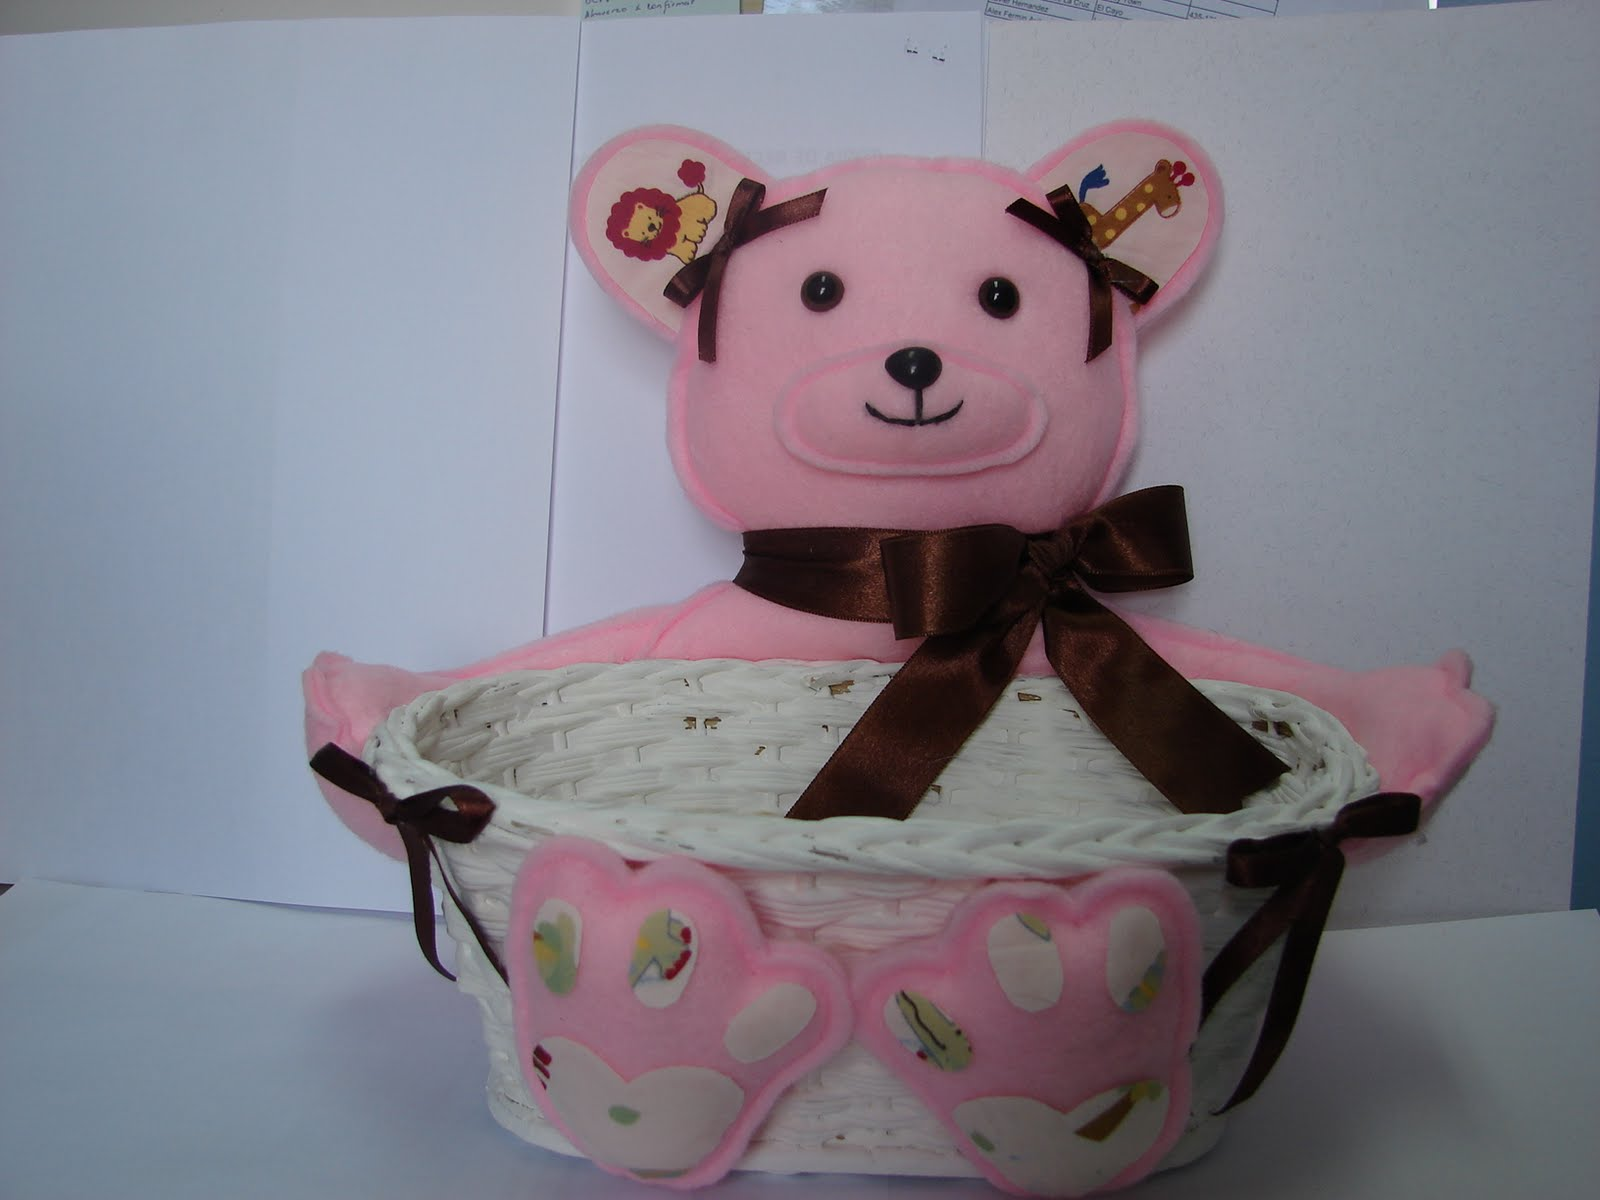 Cortina Baño Winnie Pooh:NORMA CASTILLO: EL REGALO PERFECTO: Canastas de Osos, Winnie Pooh